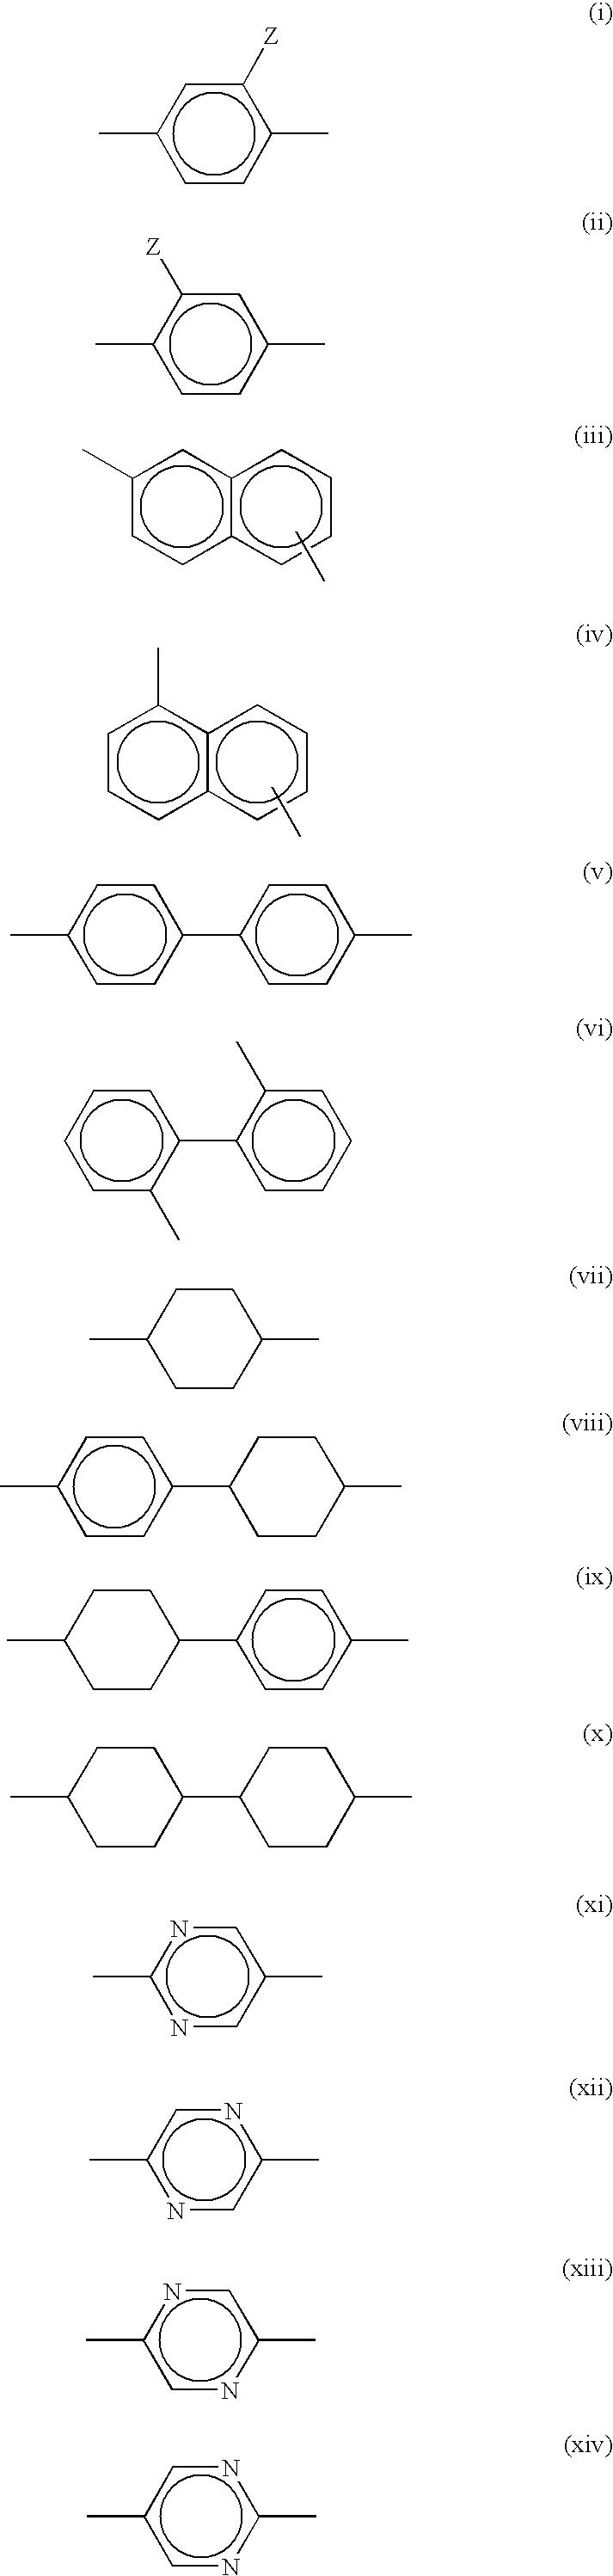 Figure US07495729-20090224-C00003